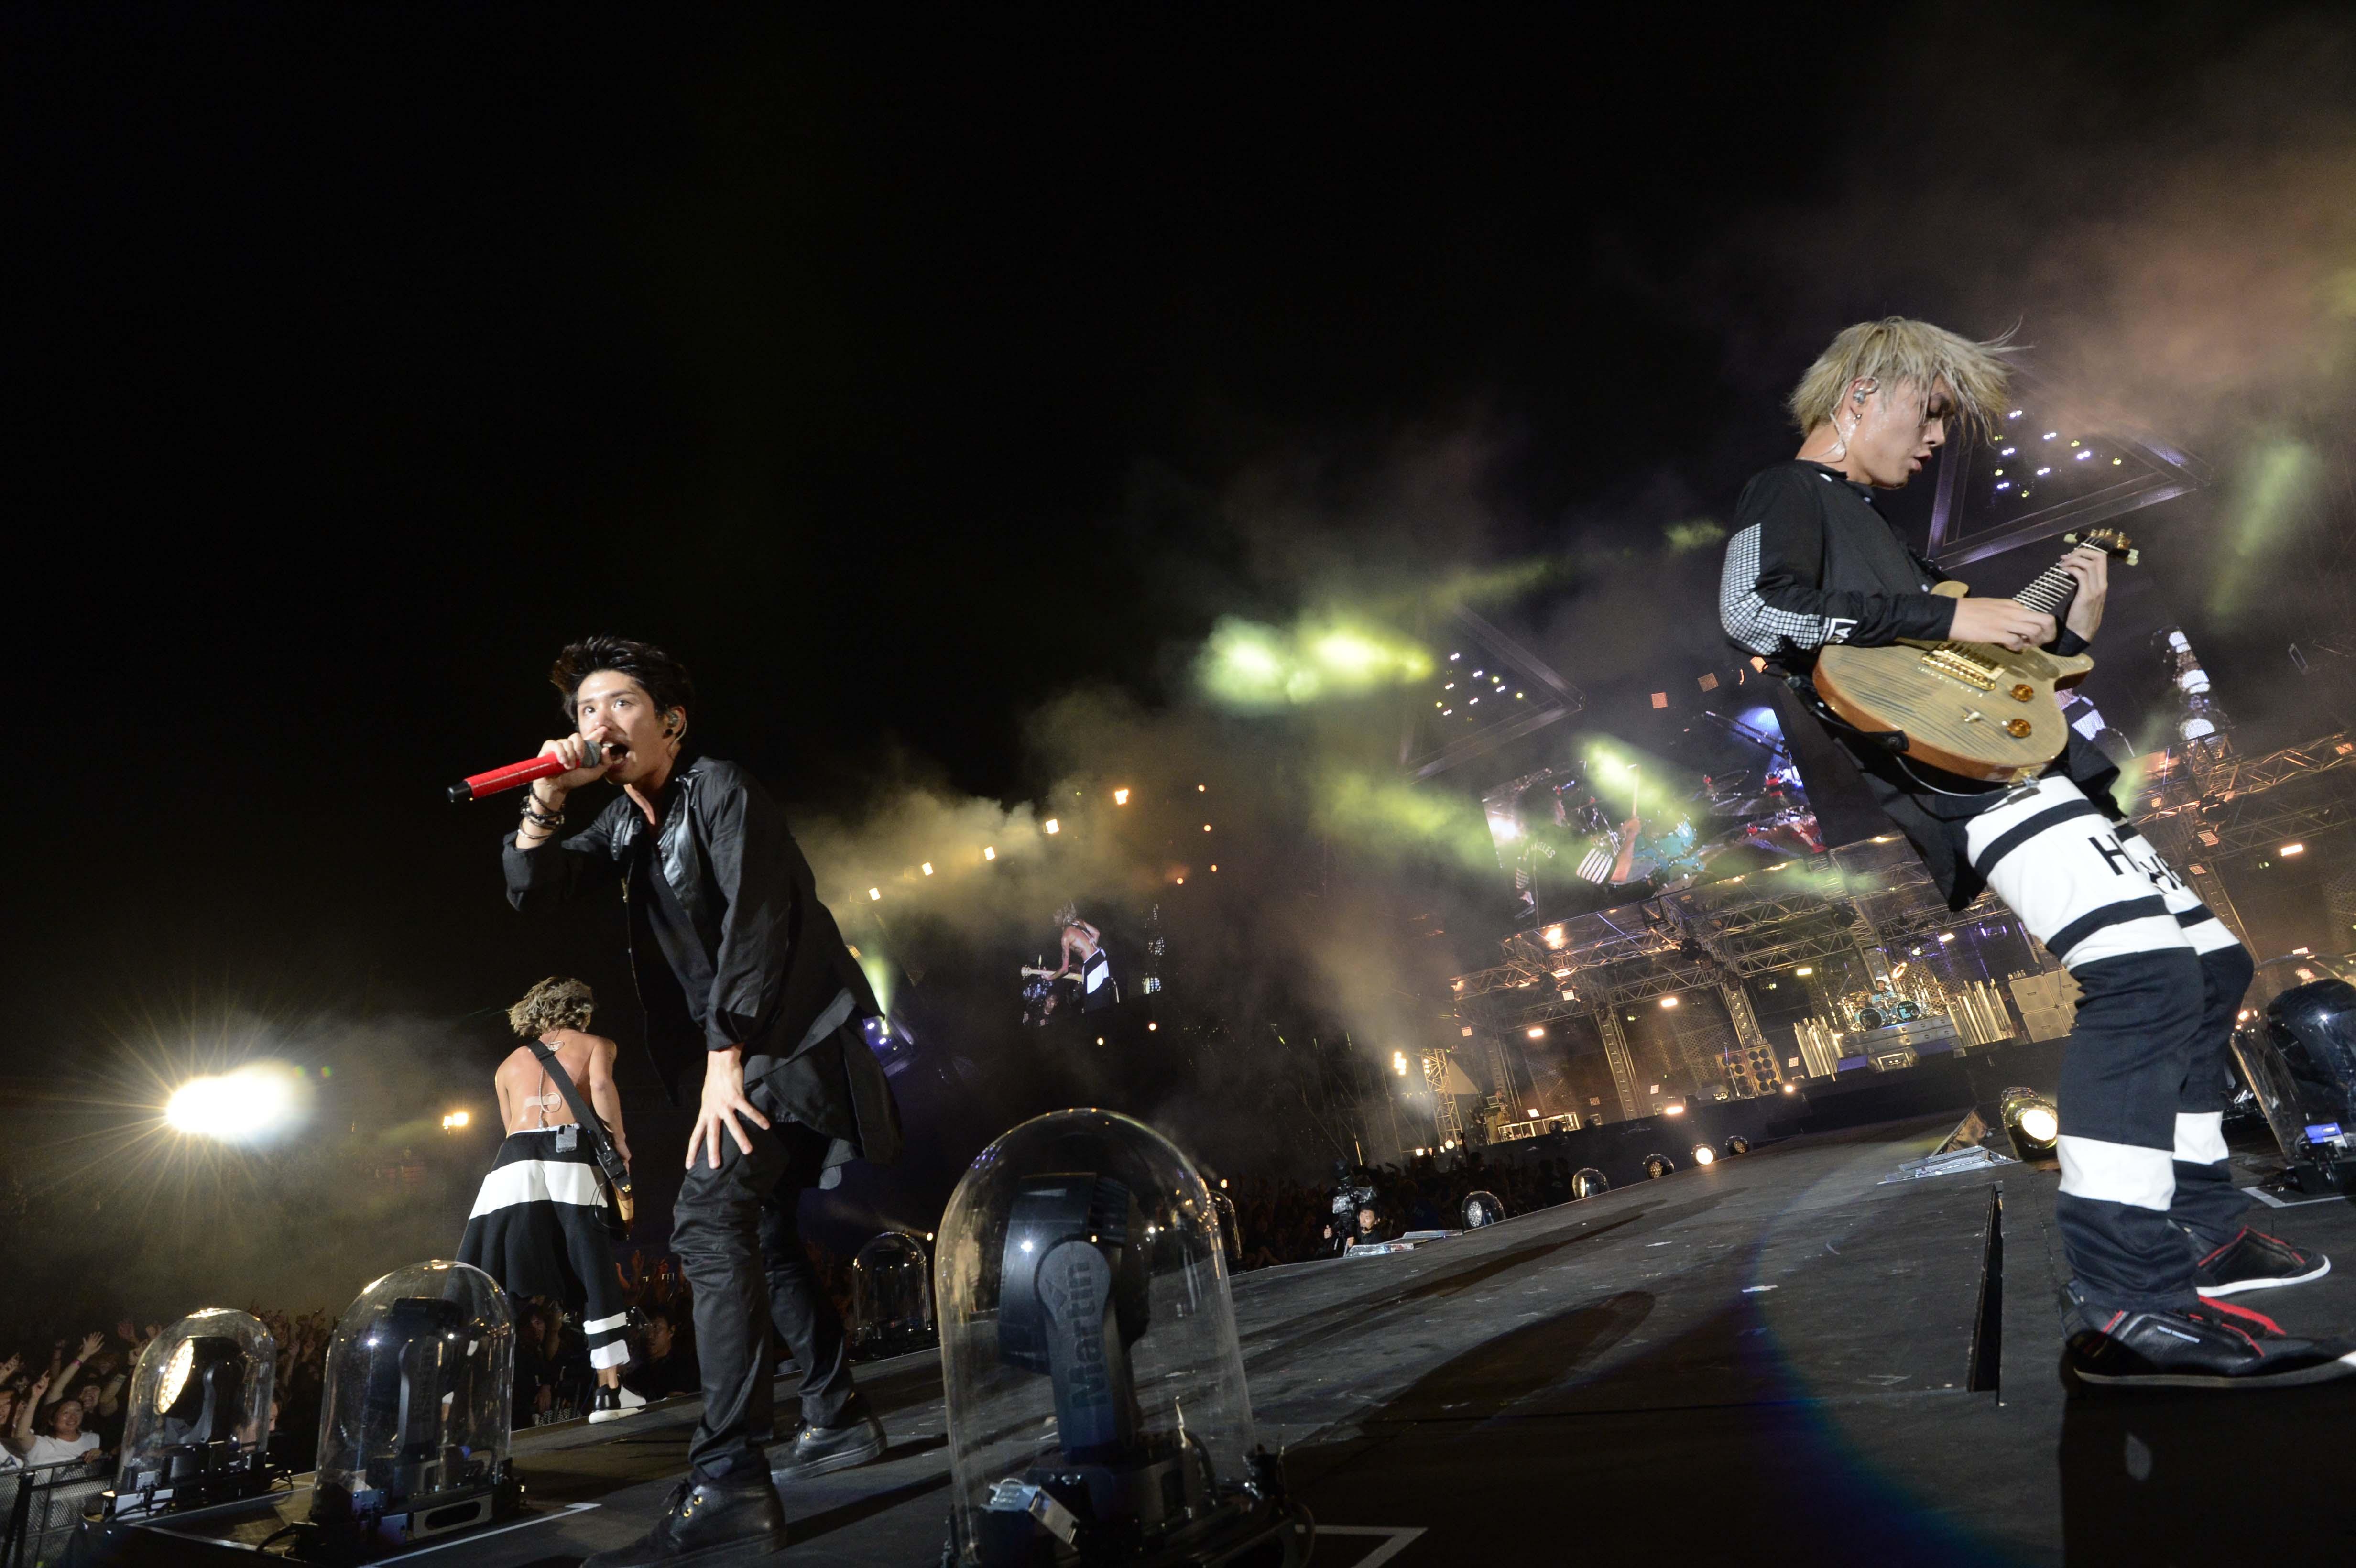 2日間で合計6万人を動員したone Ok Rockの初の野外スタジアムライブの模様をwowowで独占放送 株式会社wowowのプレスリリース